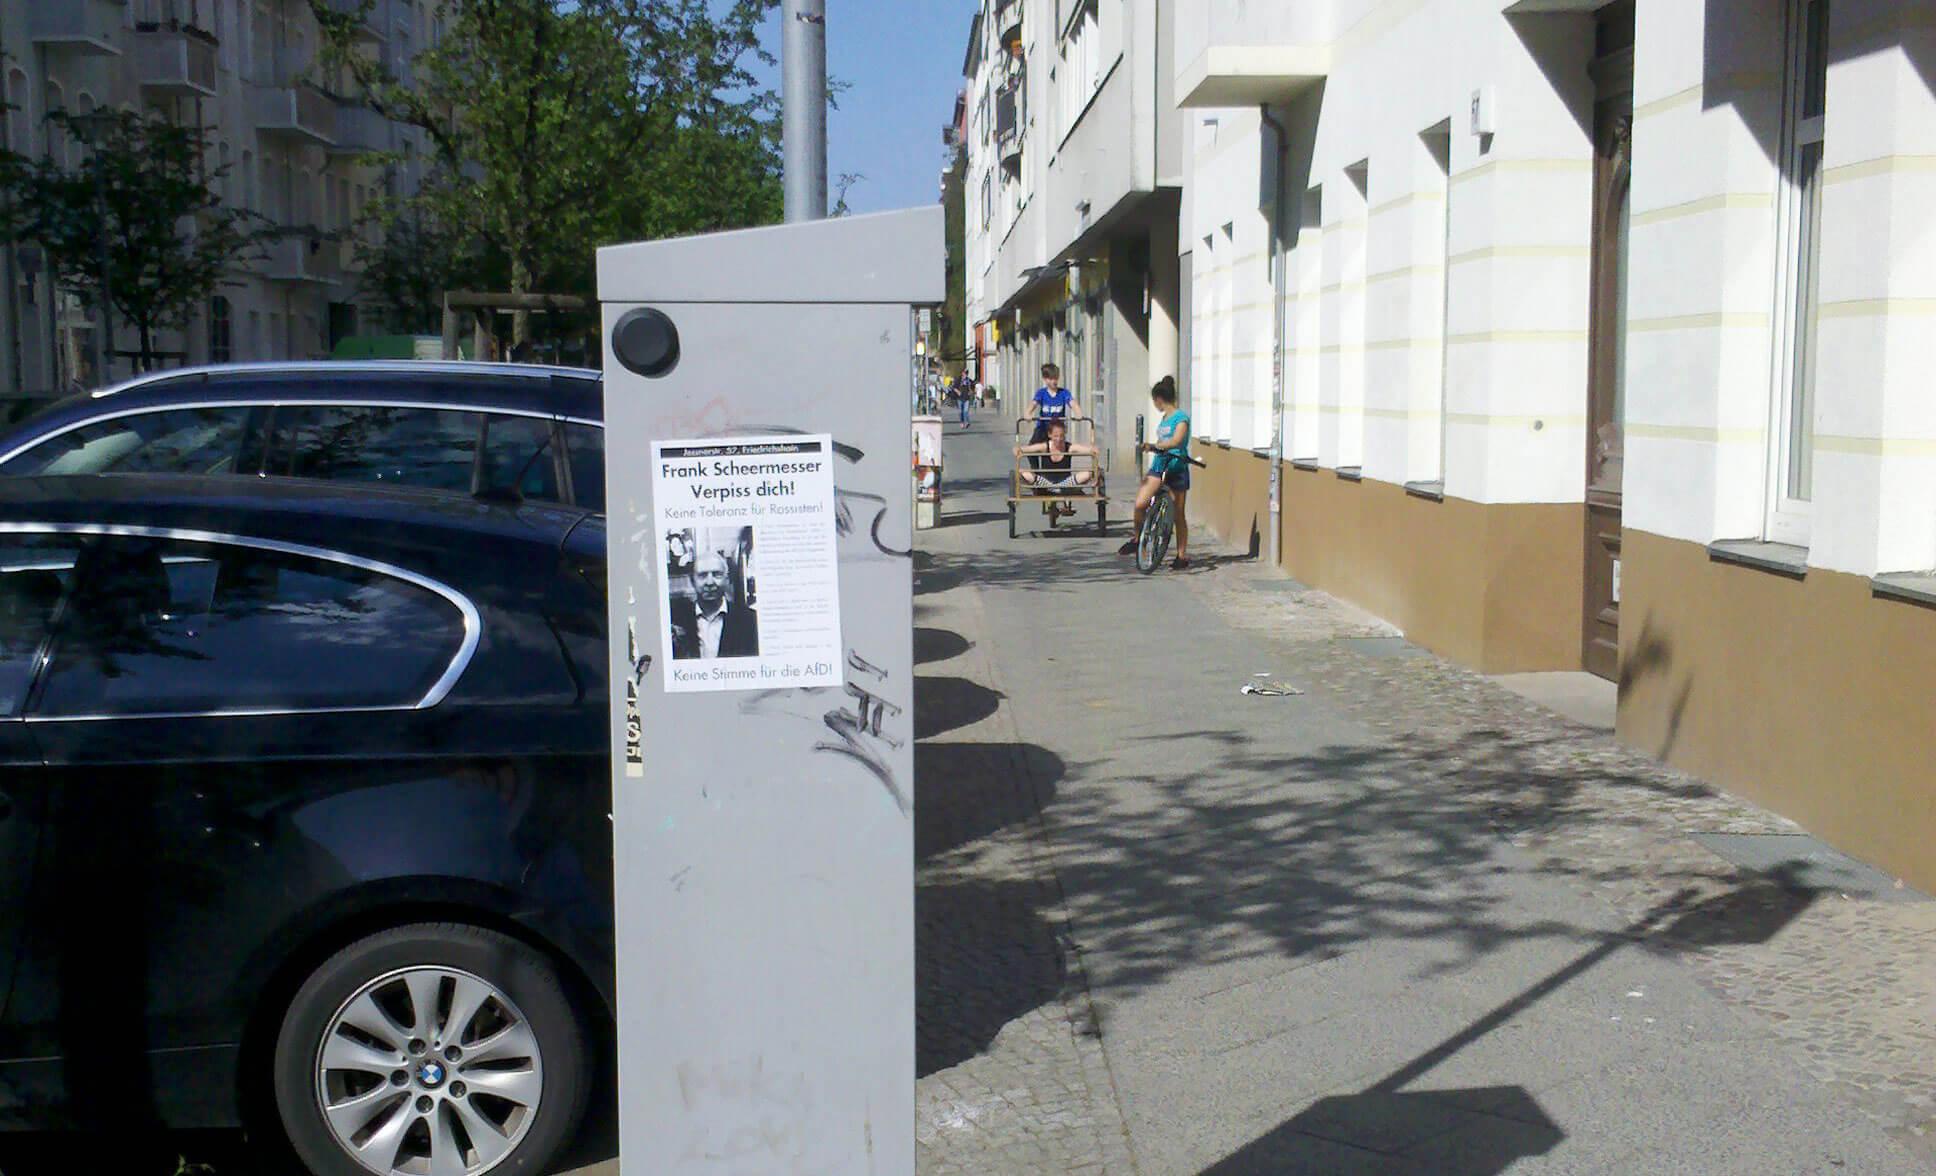 Plakat gegne Frank Scheermesser, Berlin-Friedrichshain